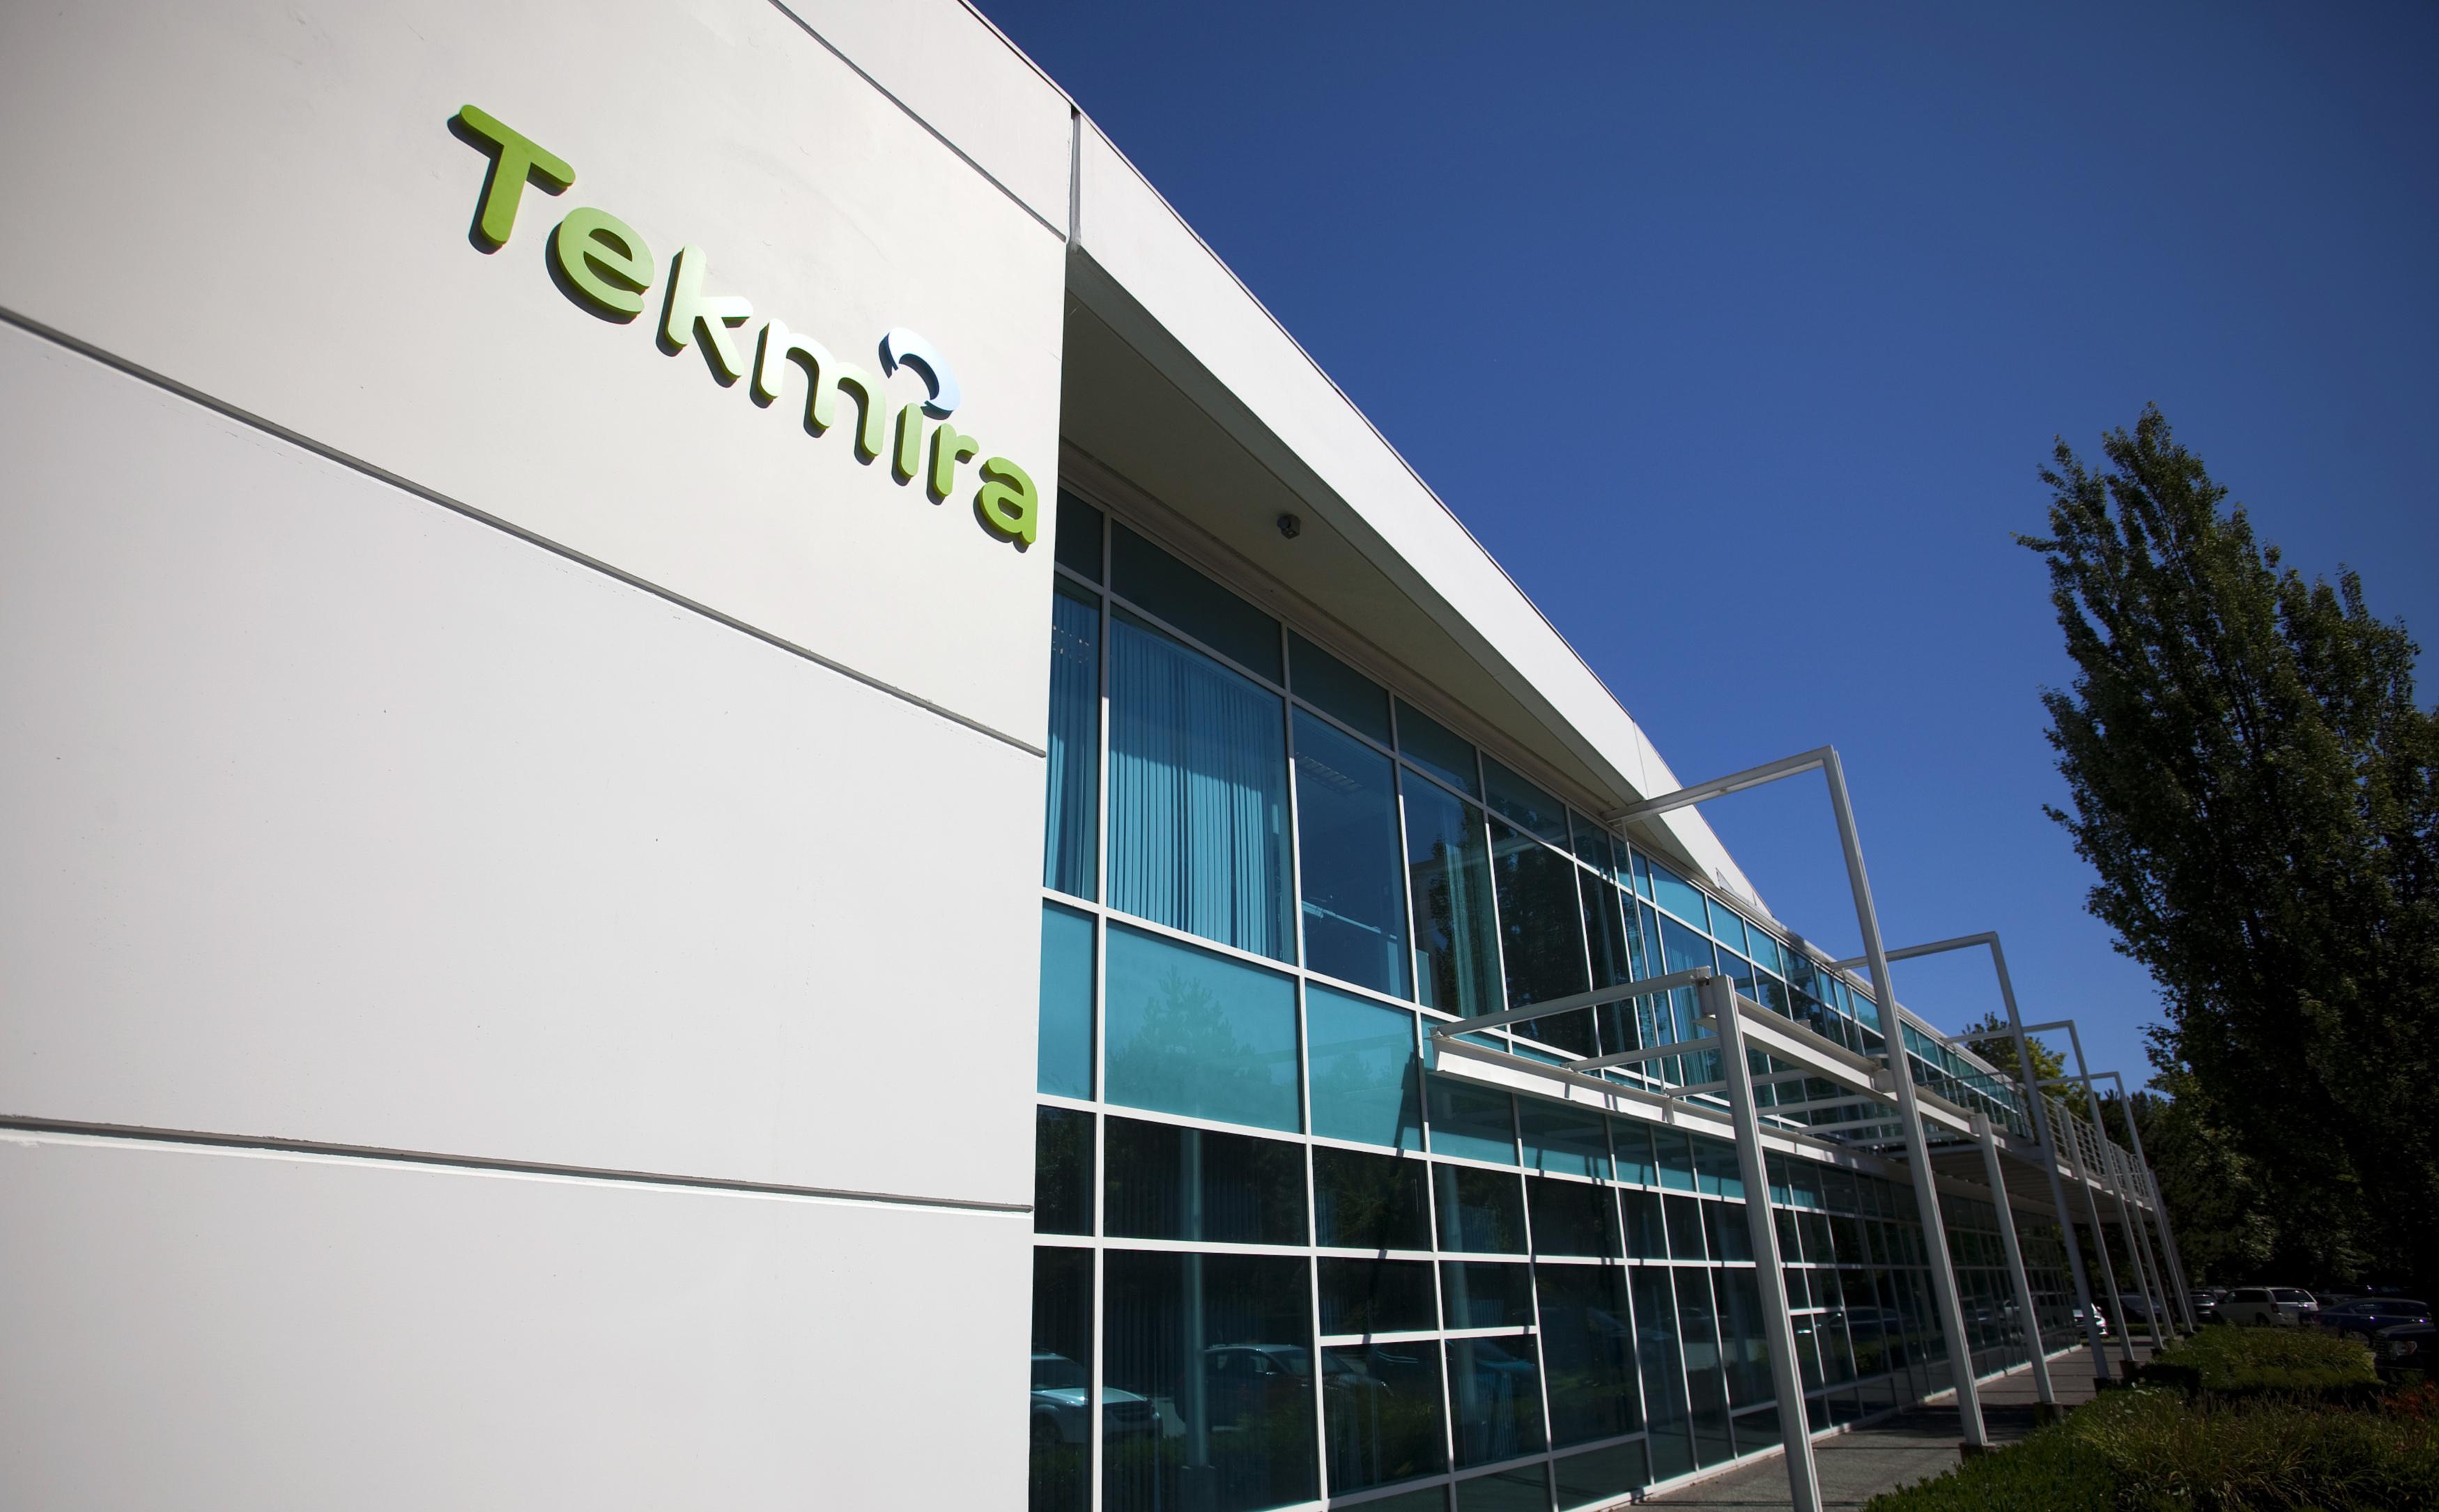 Tekmira Pharmaceuticals Corporation's headquarters in Burnaby, British Columbia Aug. 5, 2014.